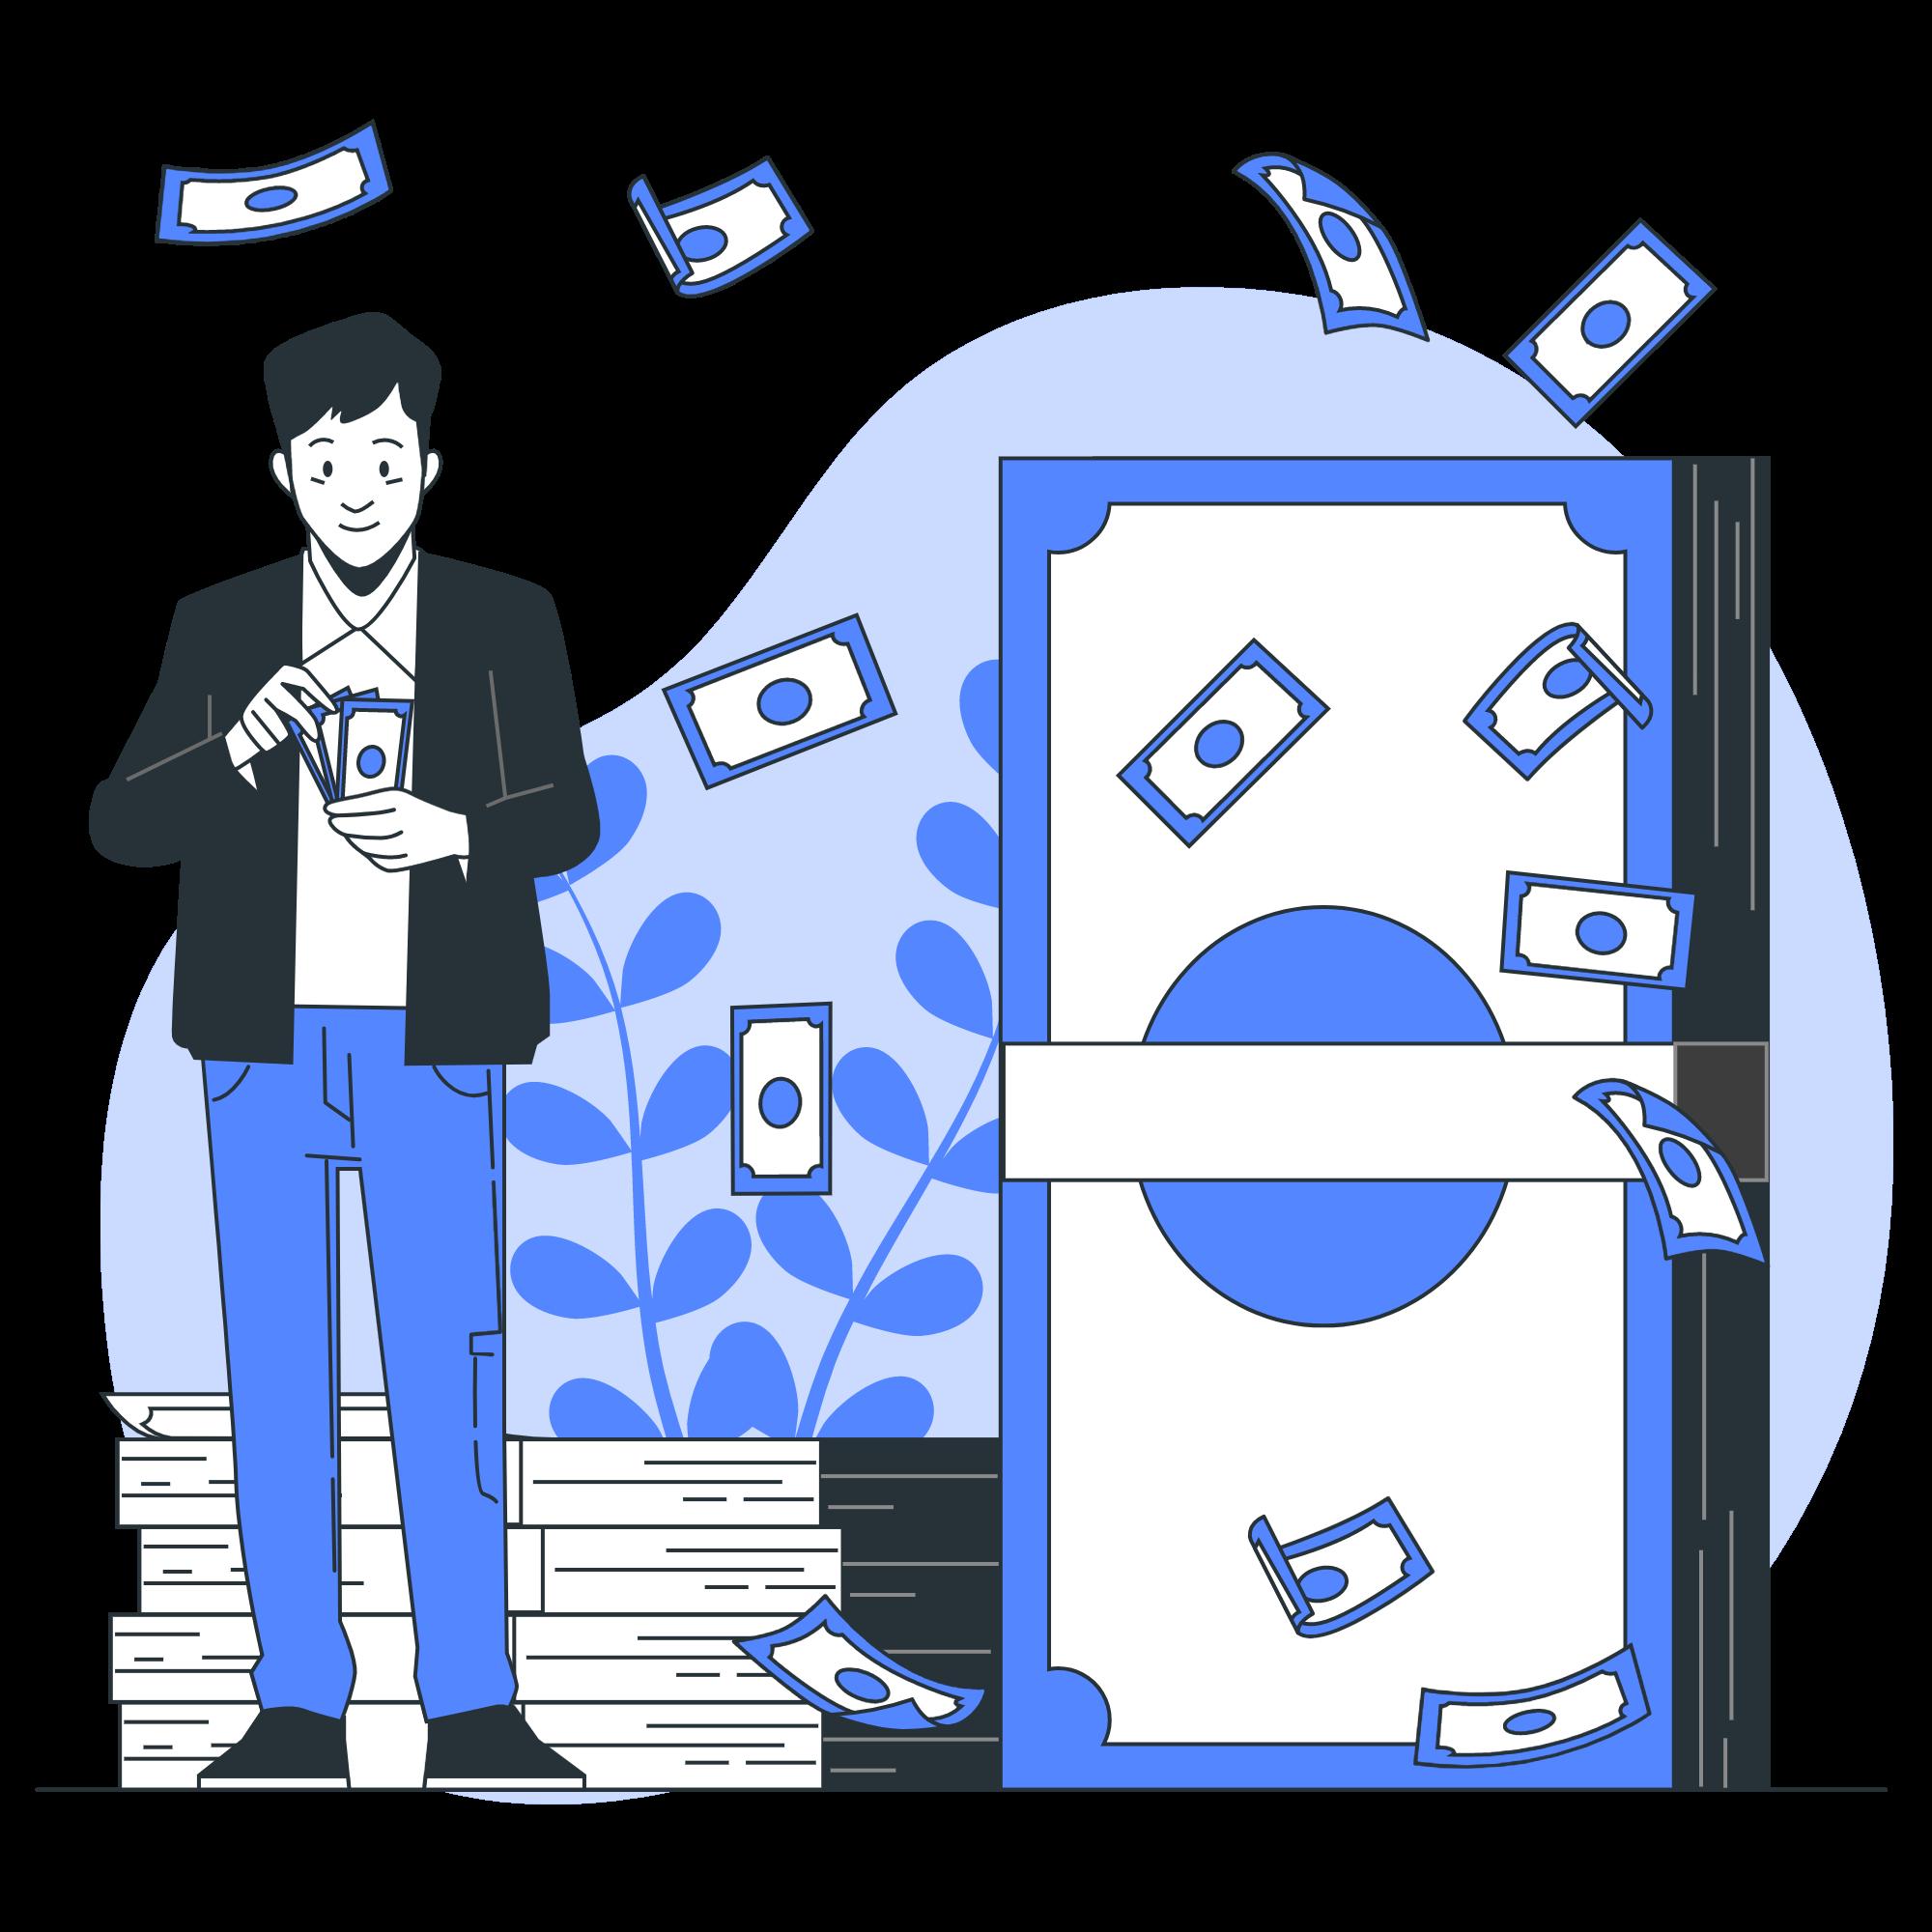 ¿Qué es el cashflow y cómo se calcula? - Orama